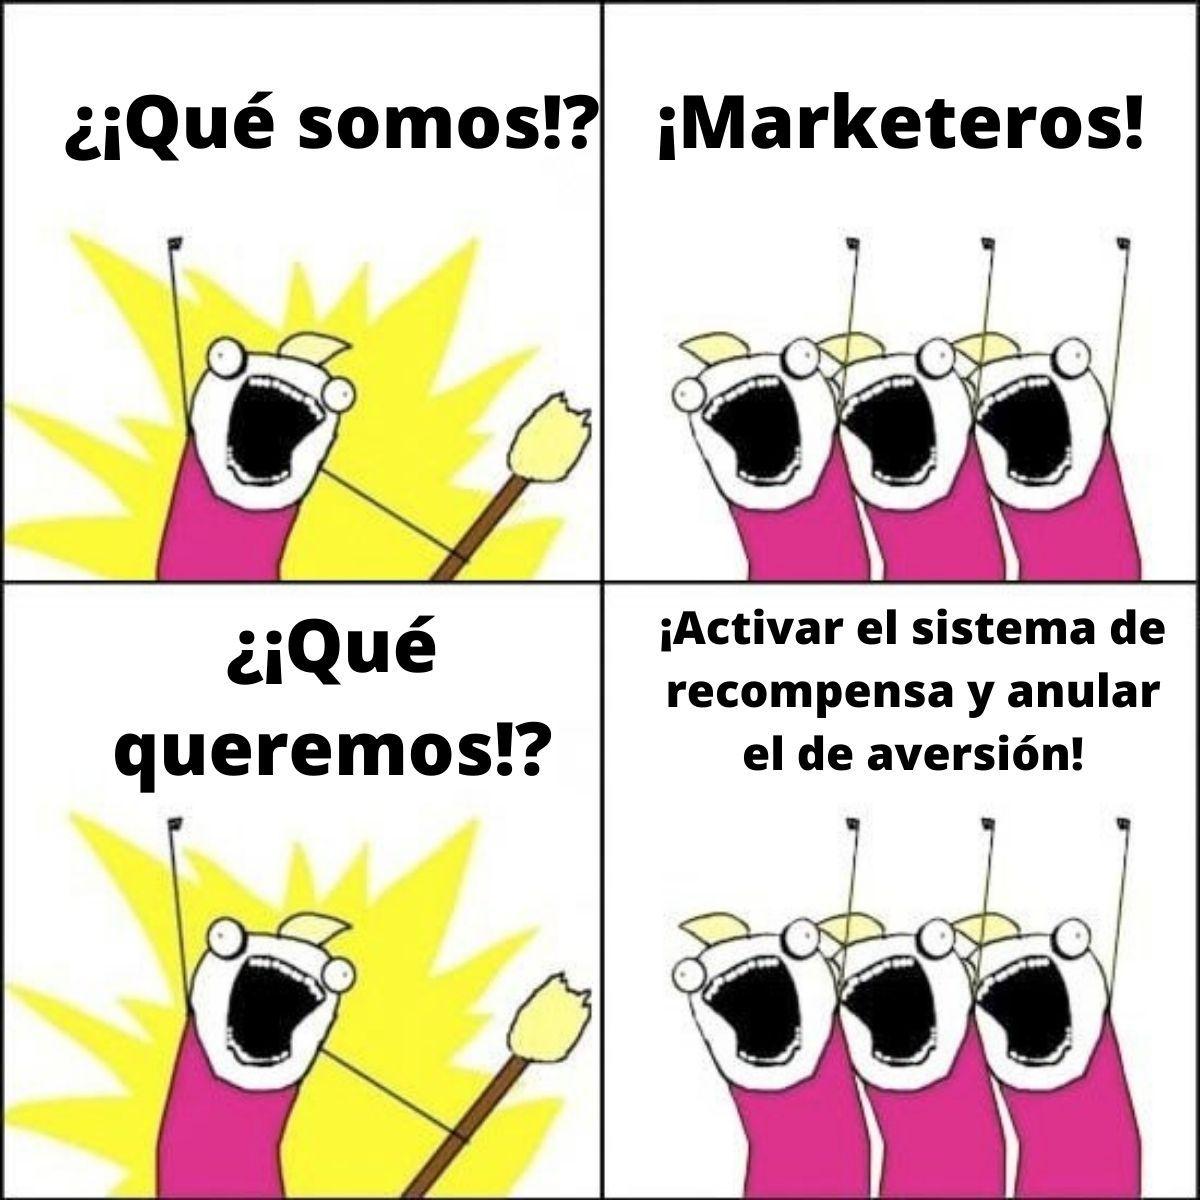 el sistema de aversión a la pérdida en marketing